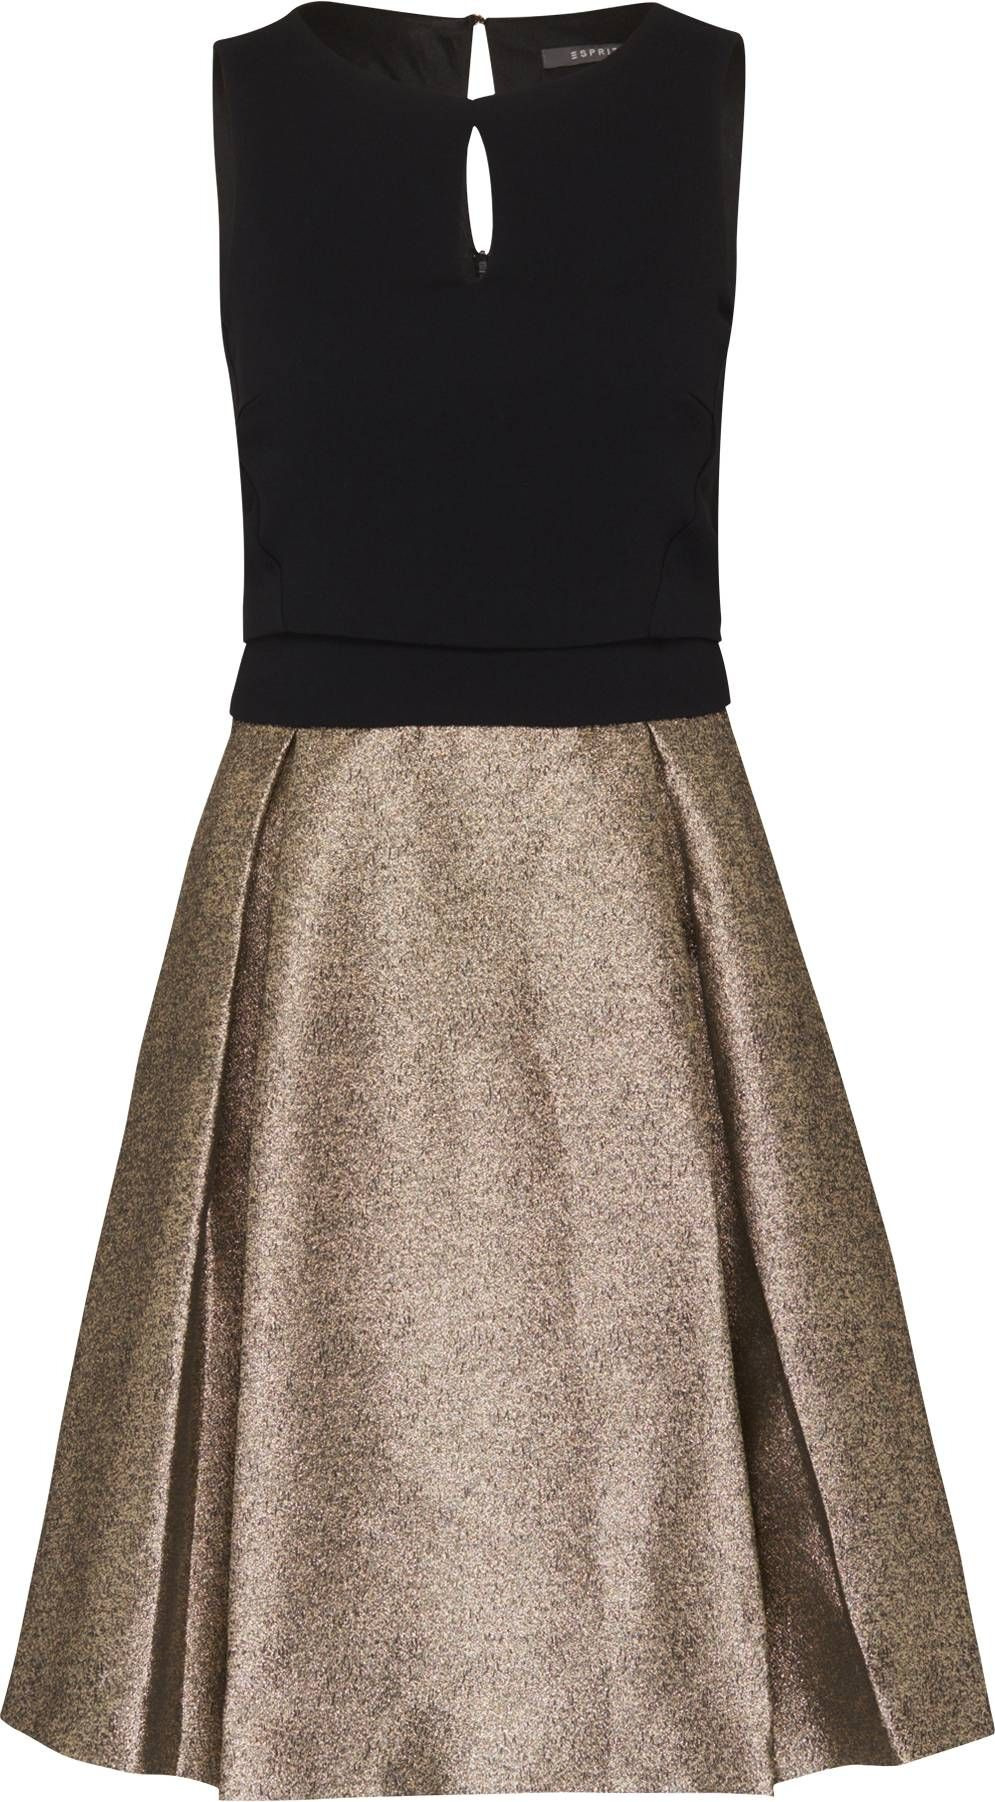 17 Großartig Esprit Abendkleid für 201917 Top Esprit Abendkleid Design